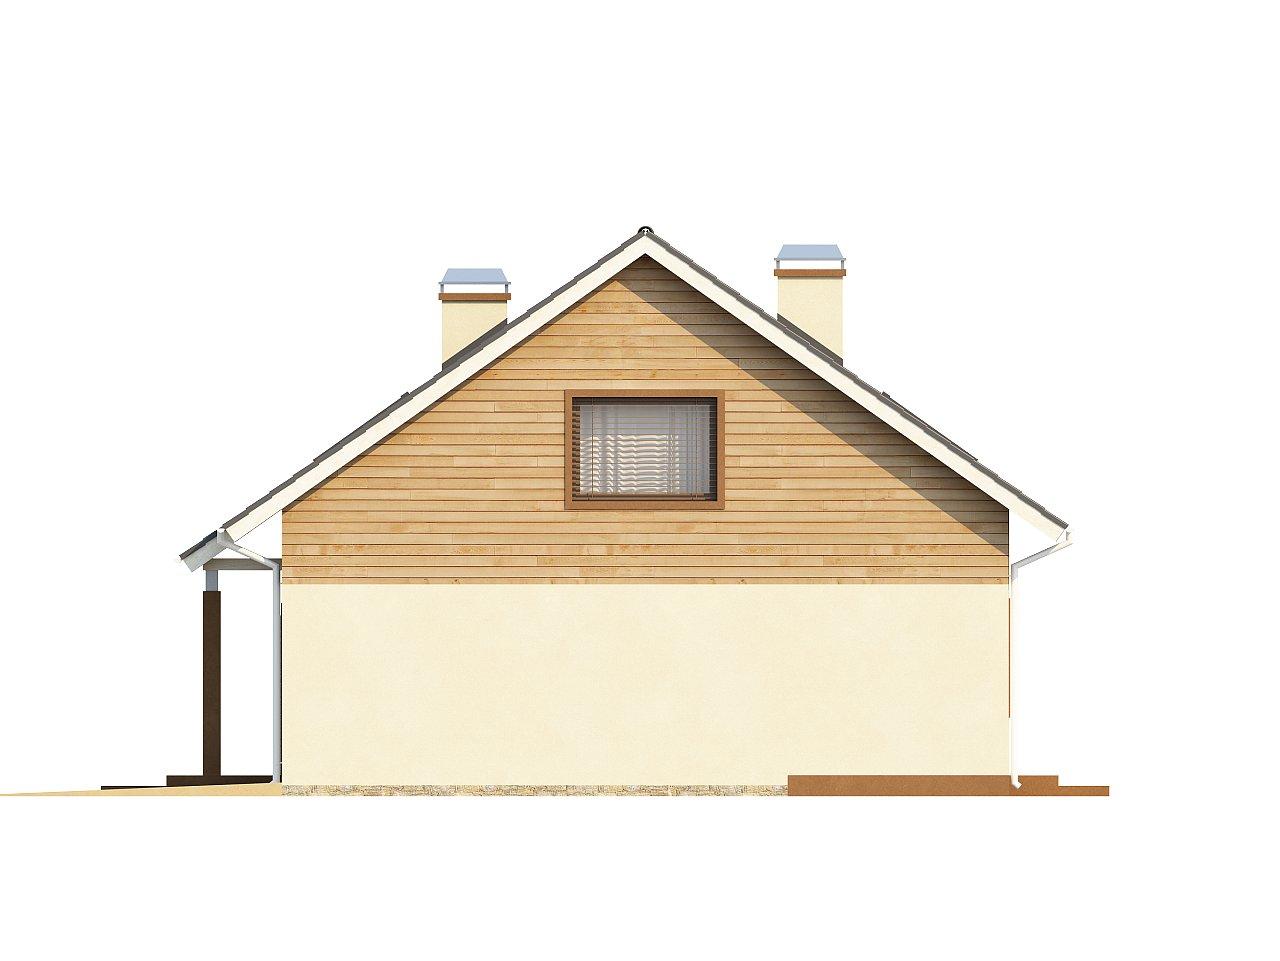 Проект традиционного дома с мансардой, со встроенным гаражом. 5